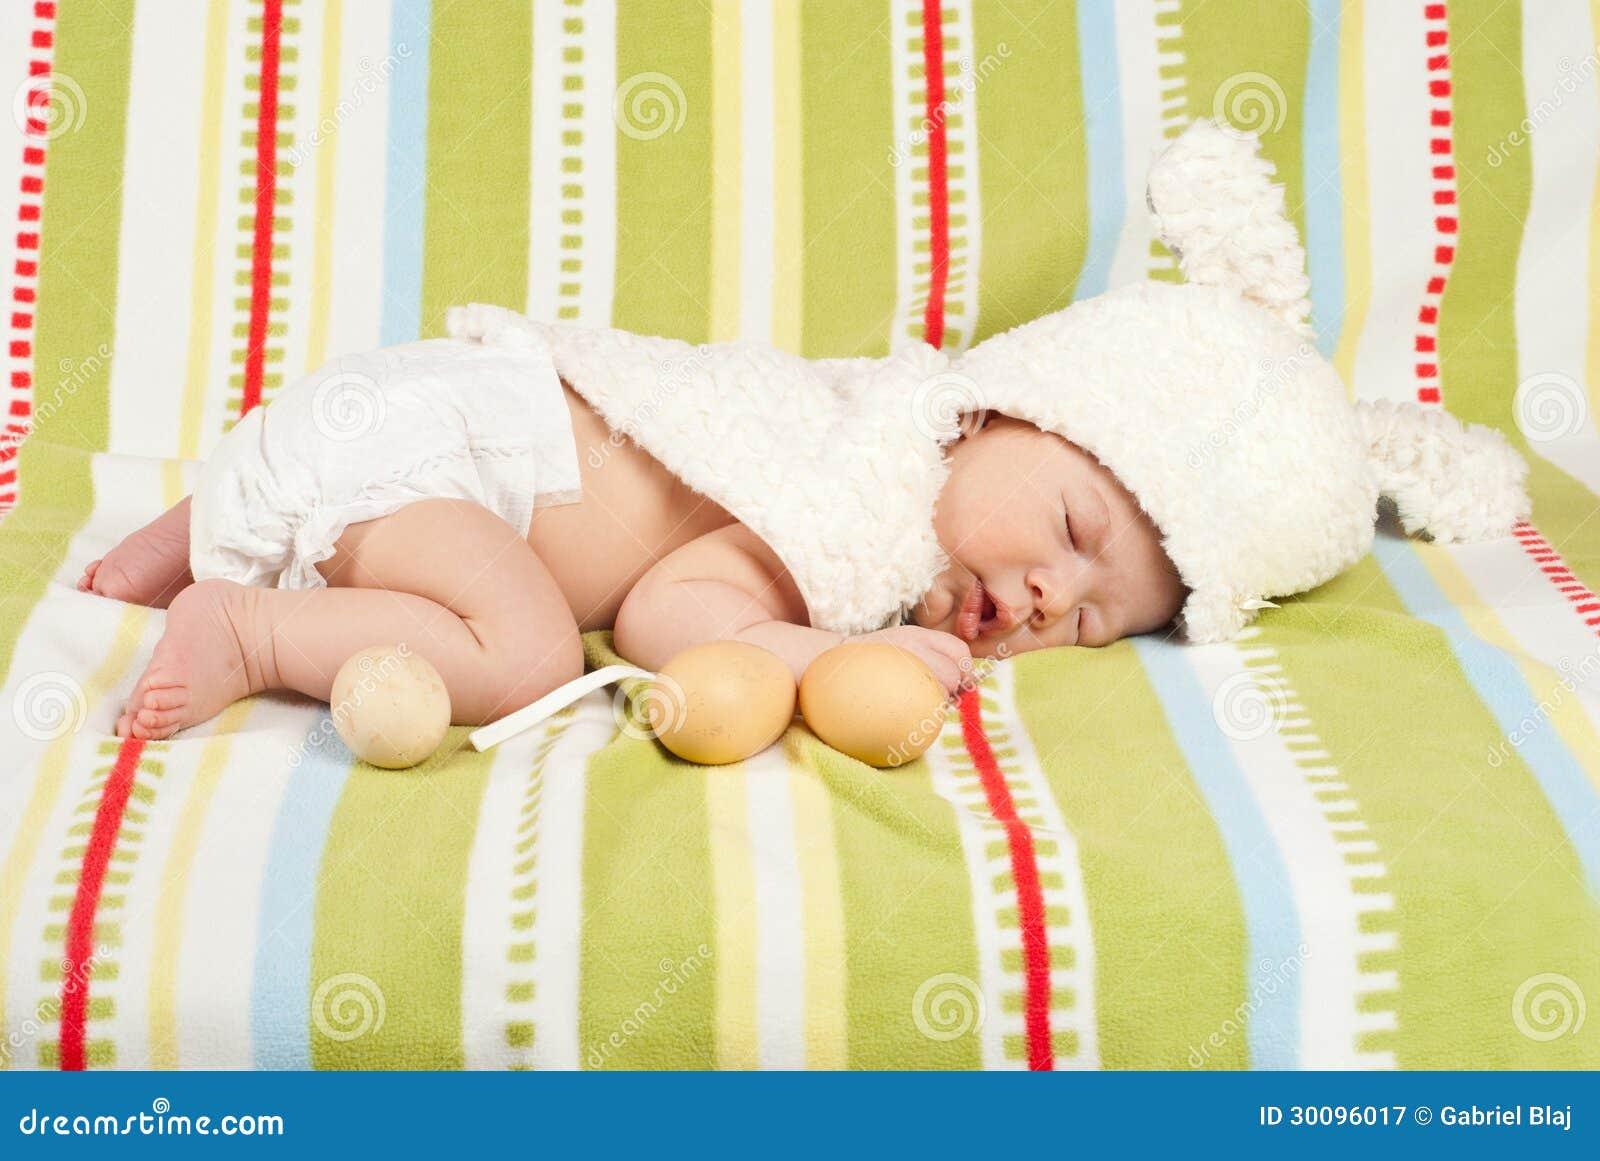 Wielkanocny nowonarodzony dziecko